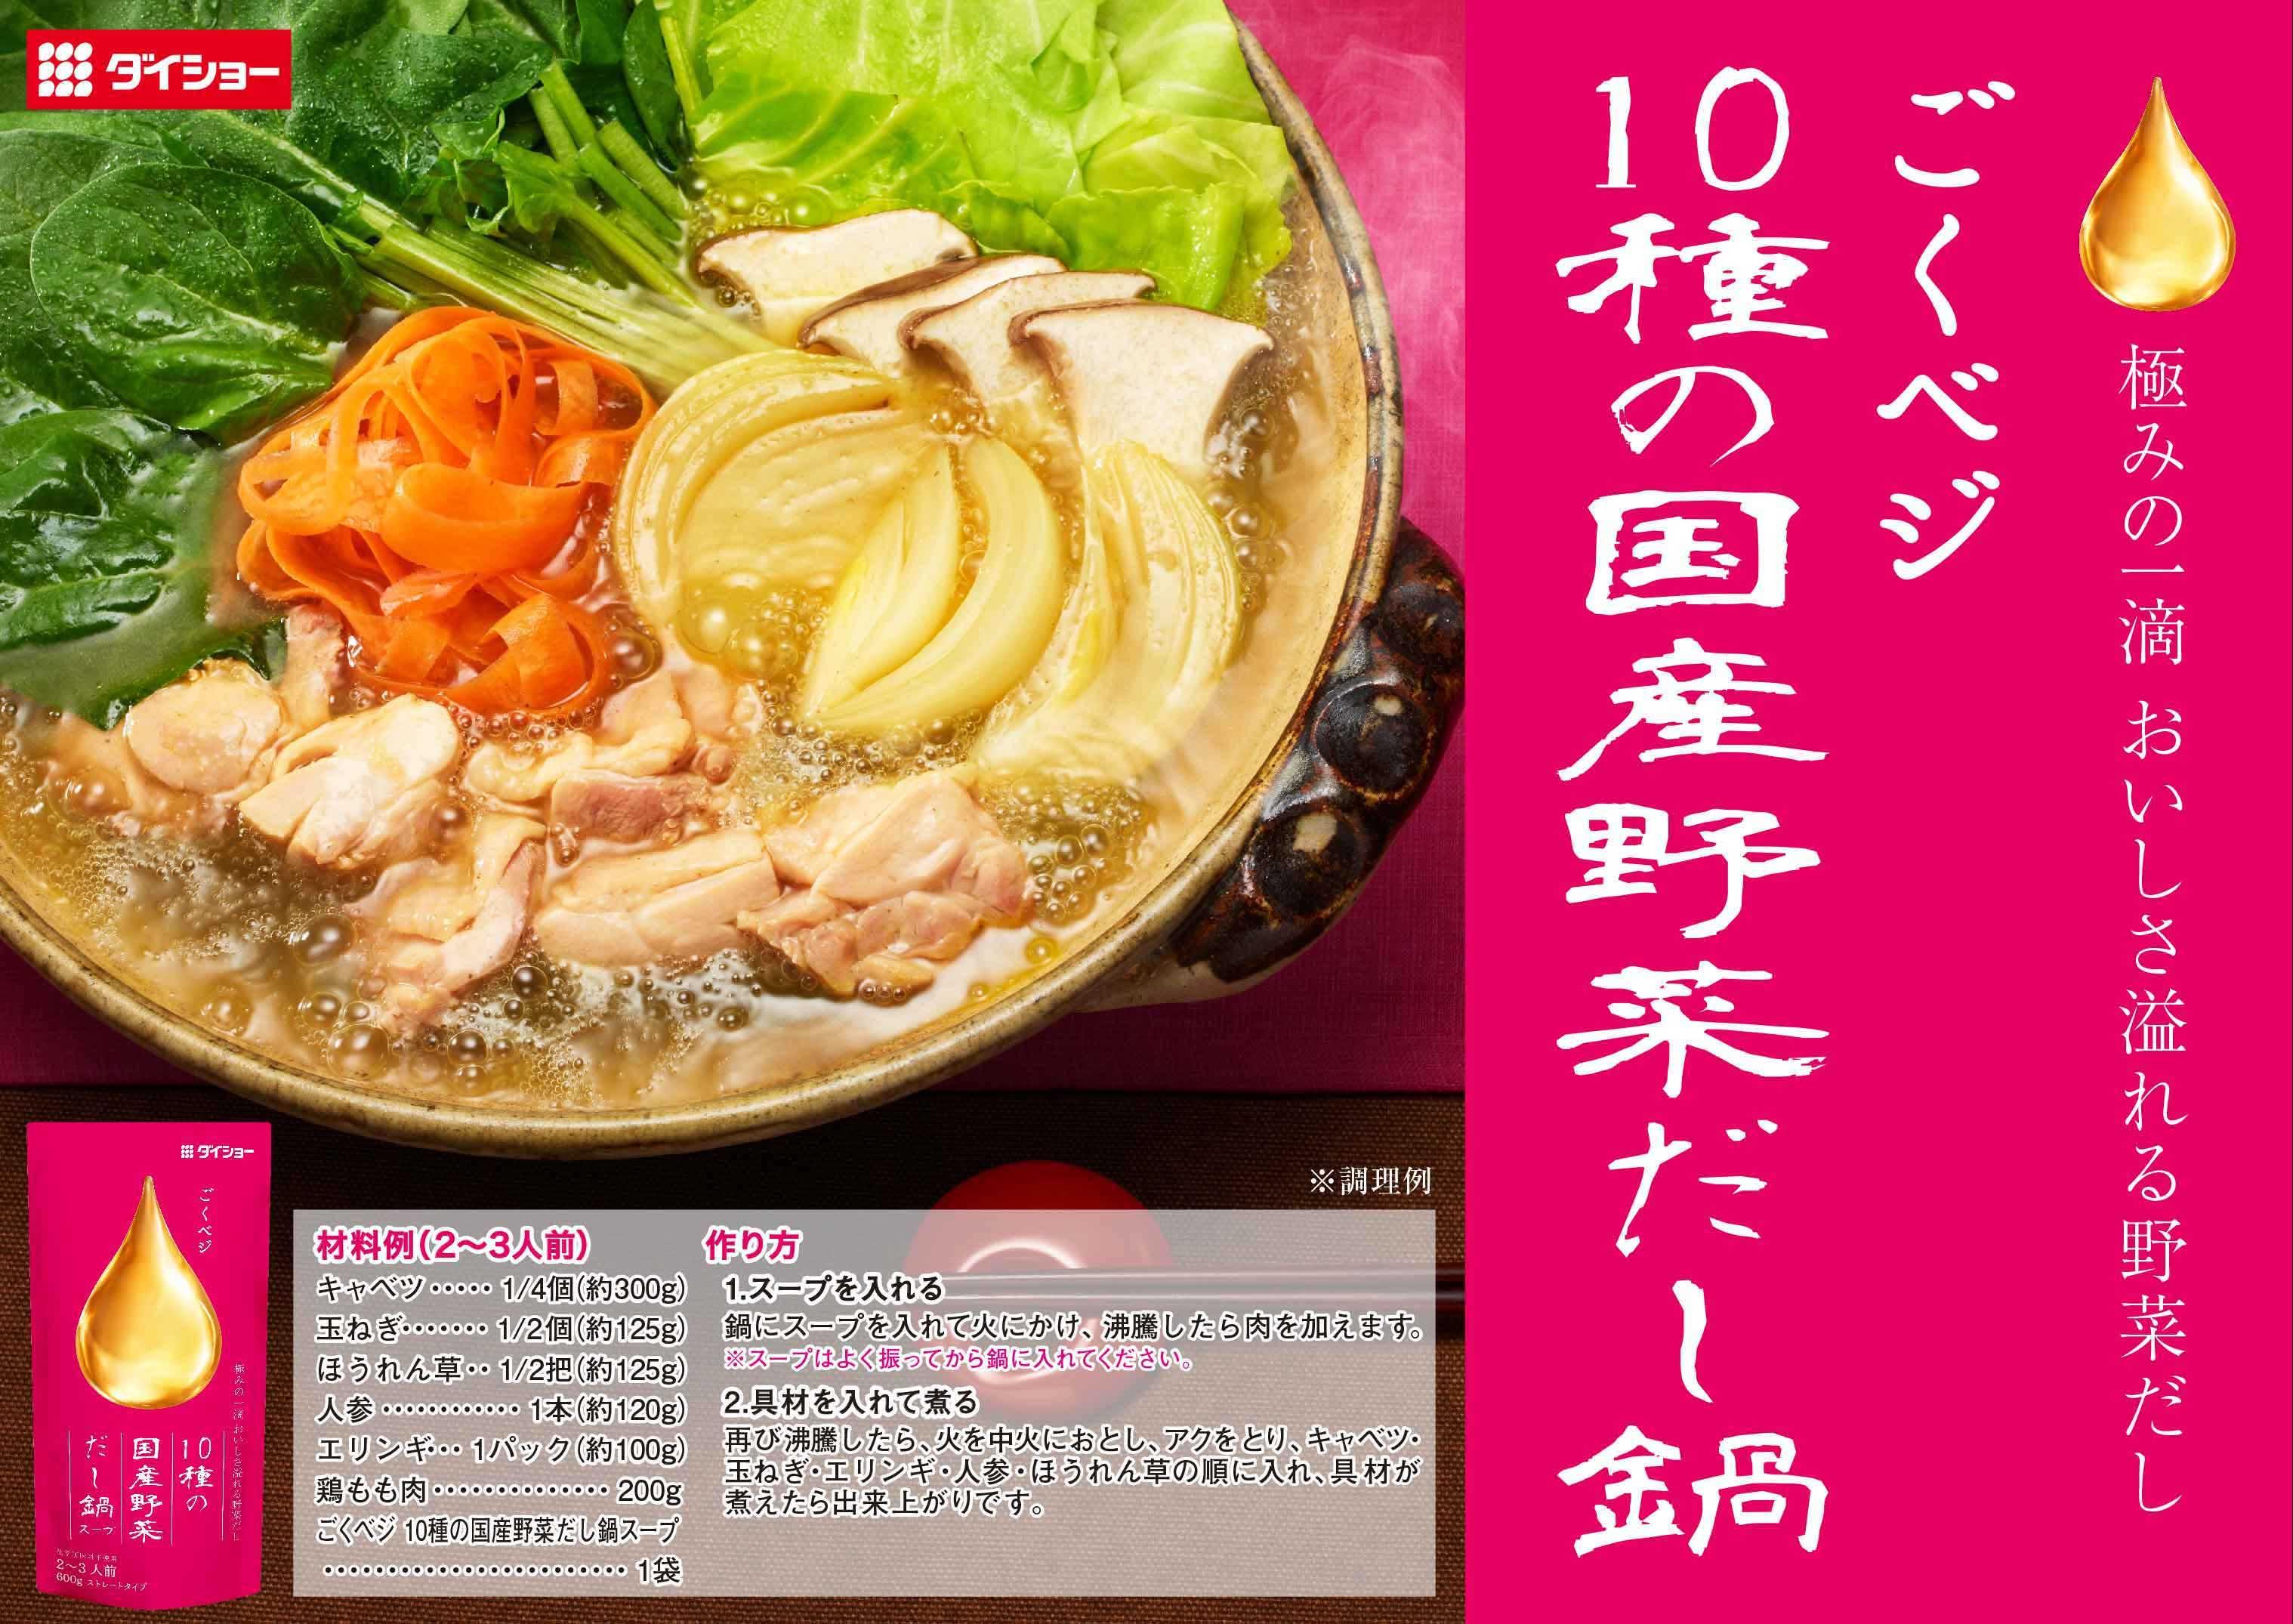 ごくベジ 10種の国産野菜だし鍋スープレシピ